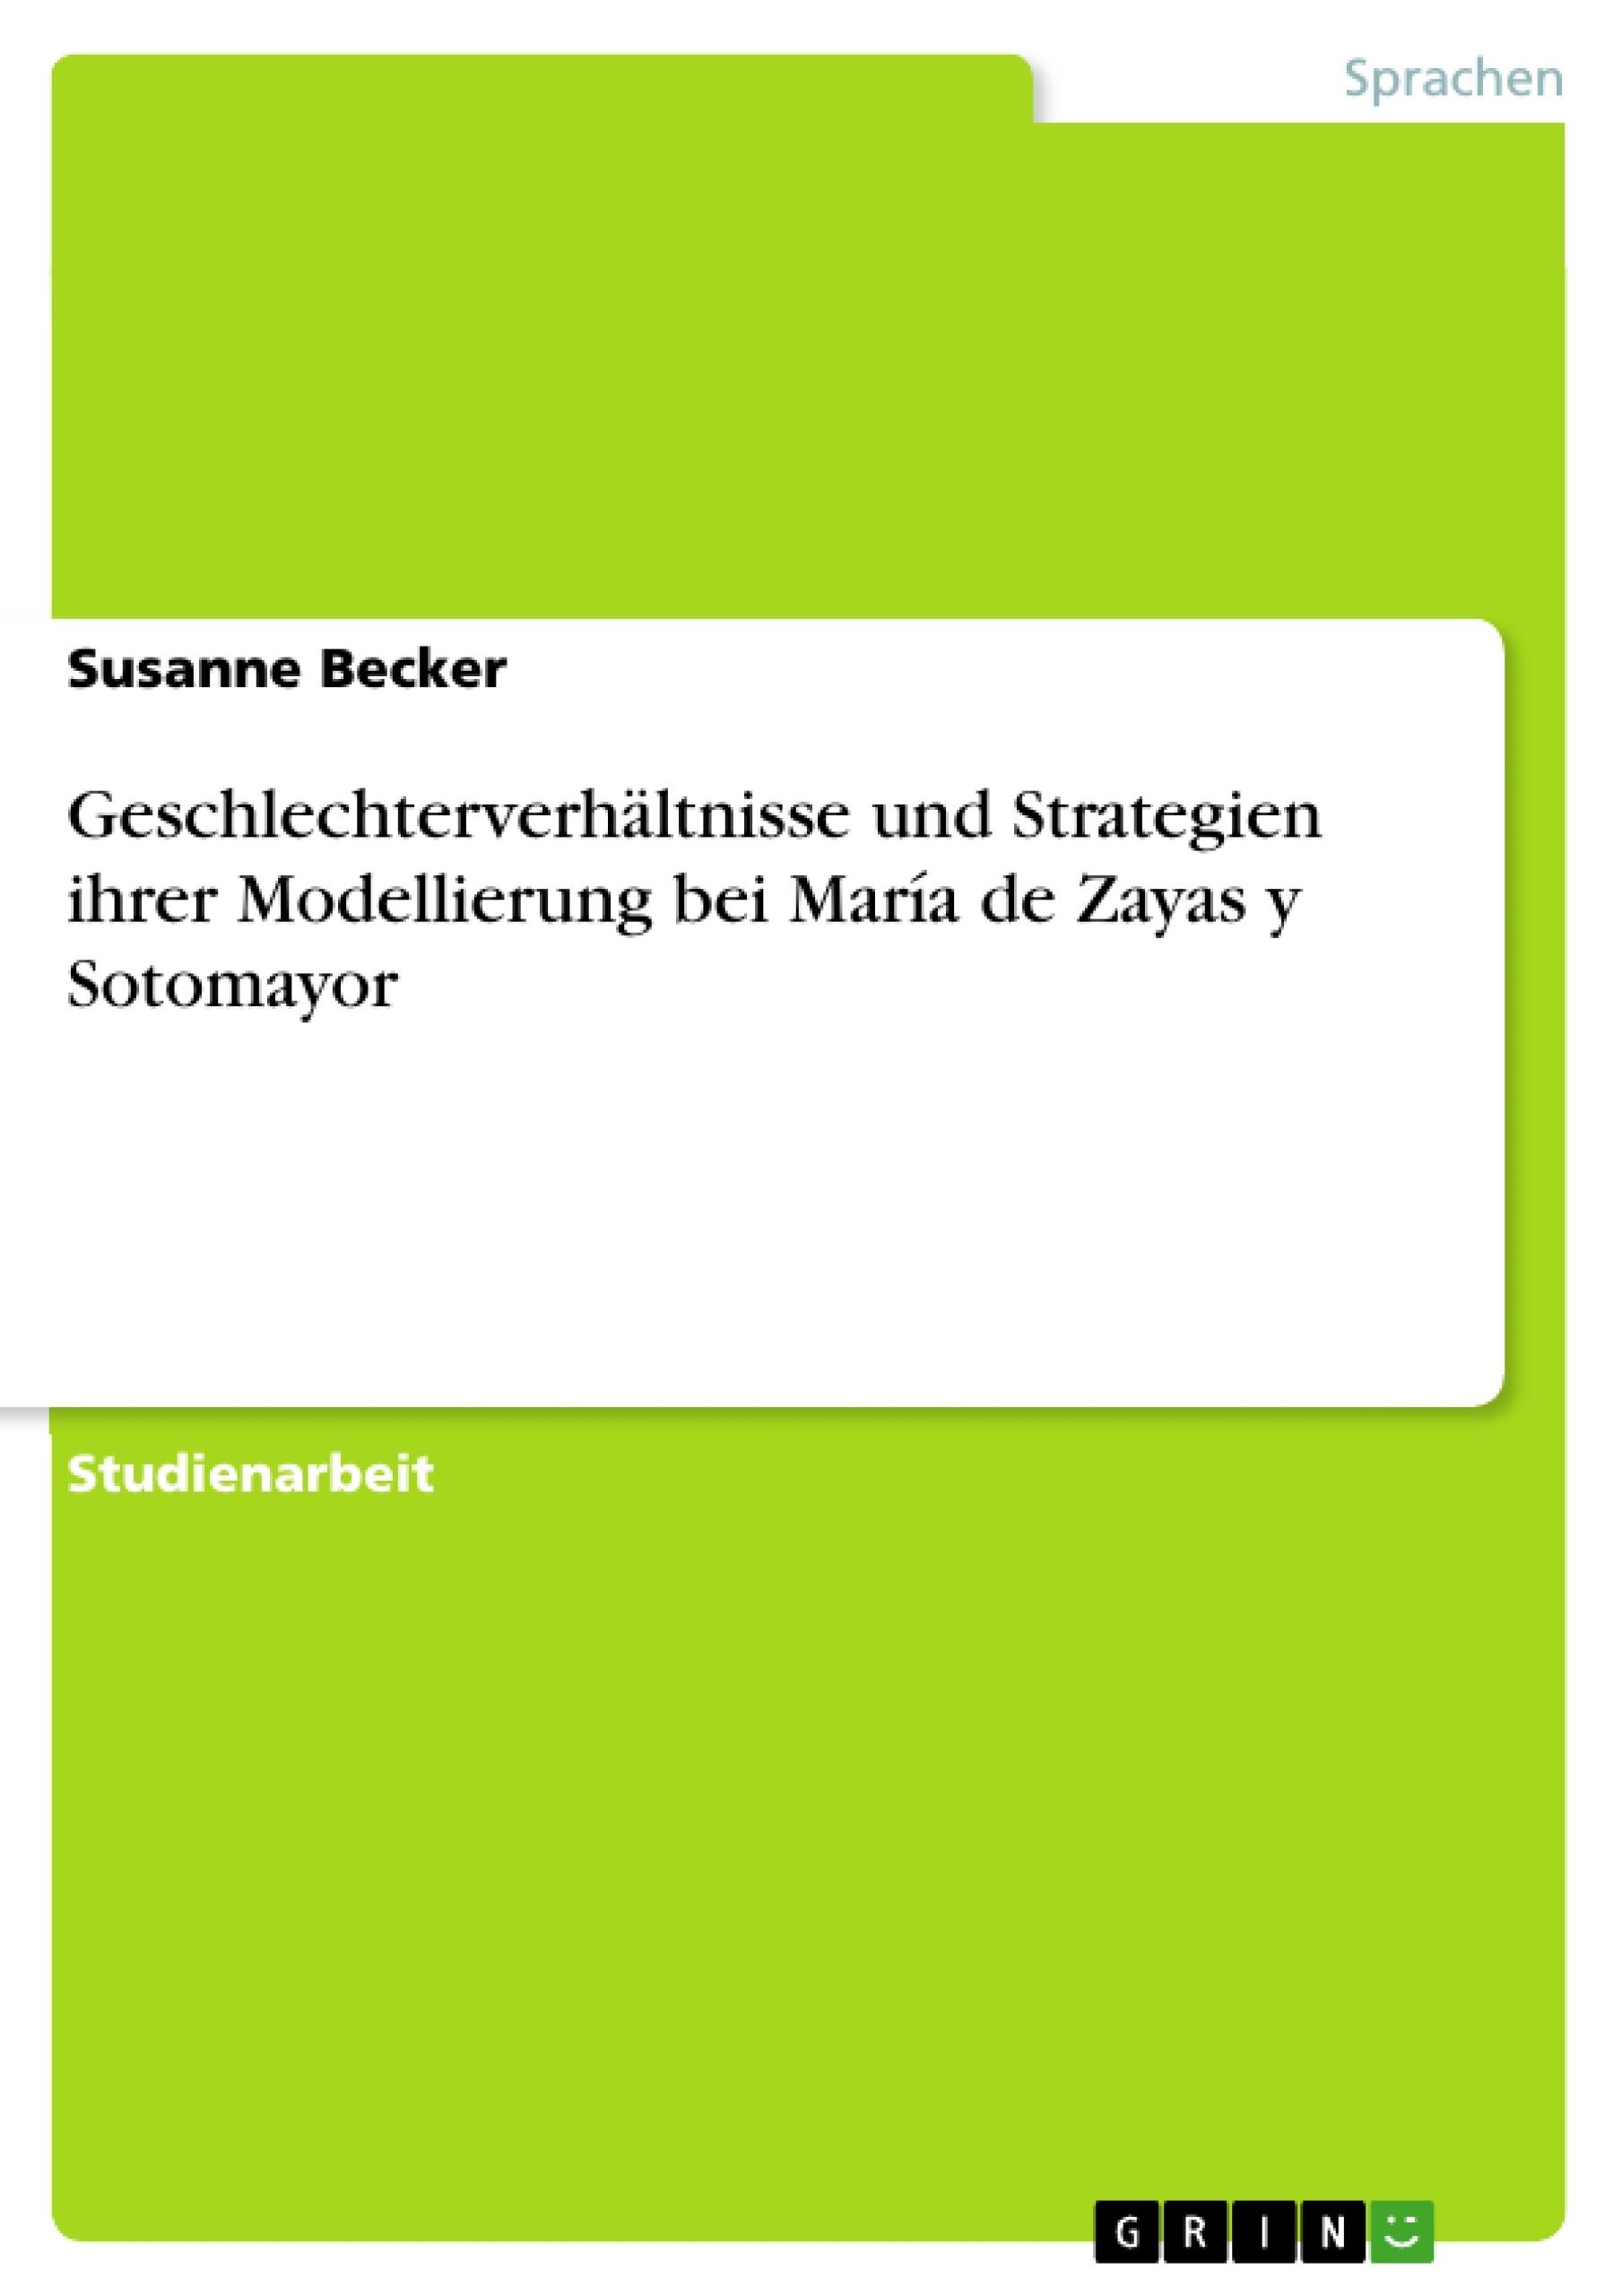 Titel: Geschlechterverhältnisse und Strategien ihrer Modellierung bei María de Zayas y Sotomayor